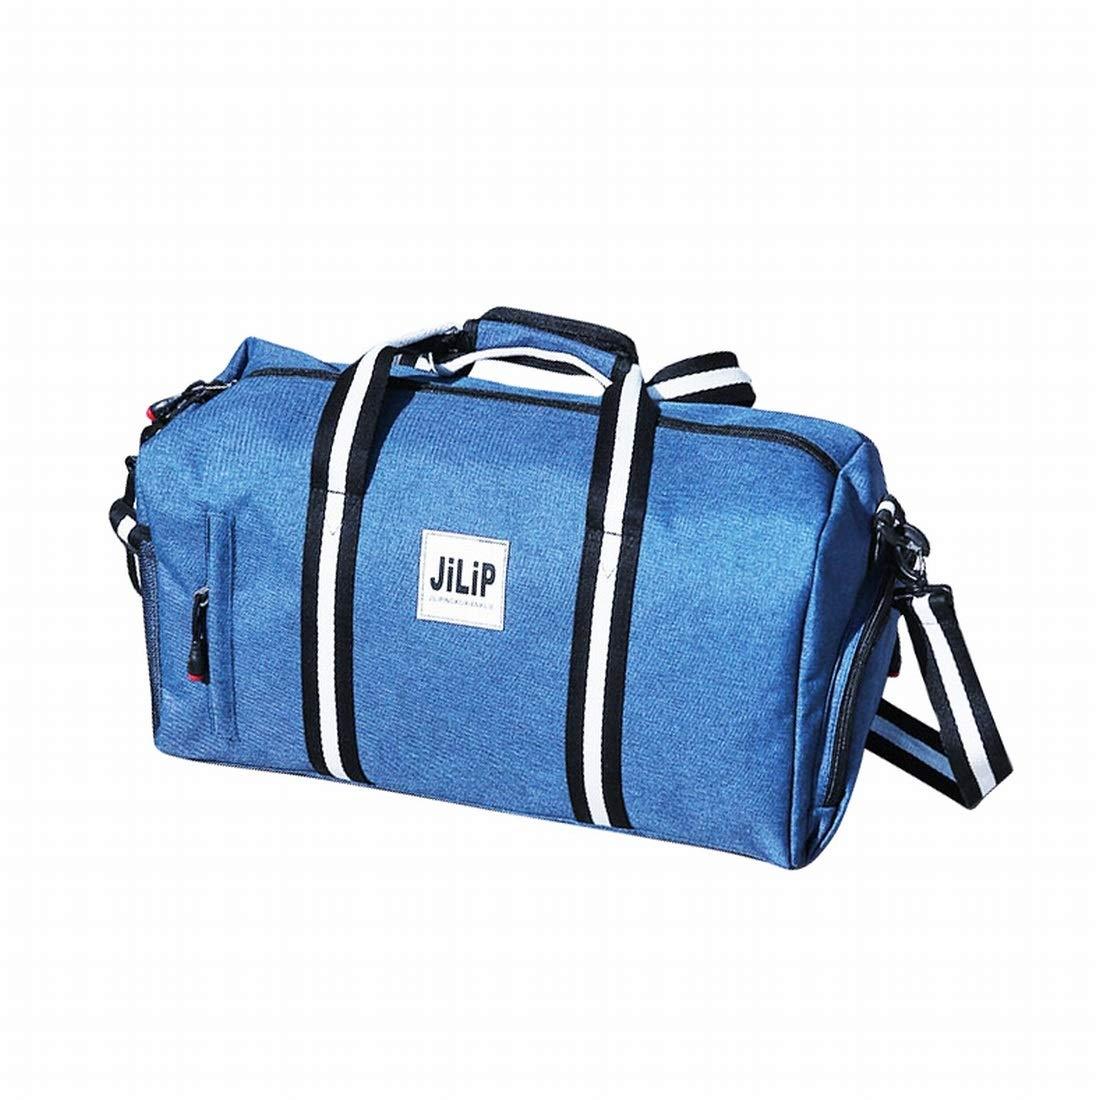 blueee Kajuer Water Resistant Sports Gym Travel Weekender Duffel Bag Backpacks for Women Men (color   Black)